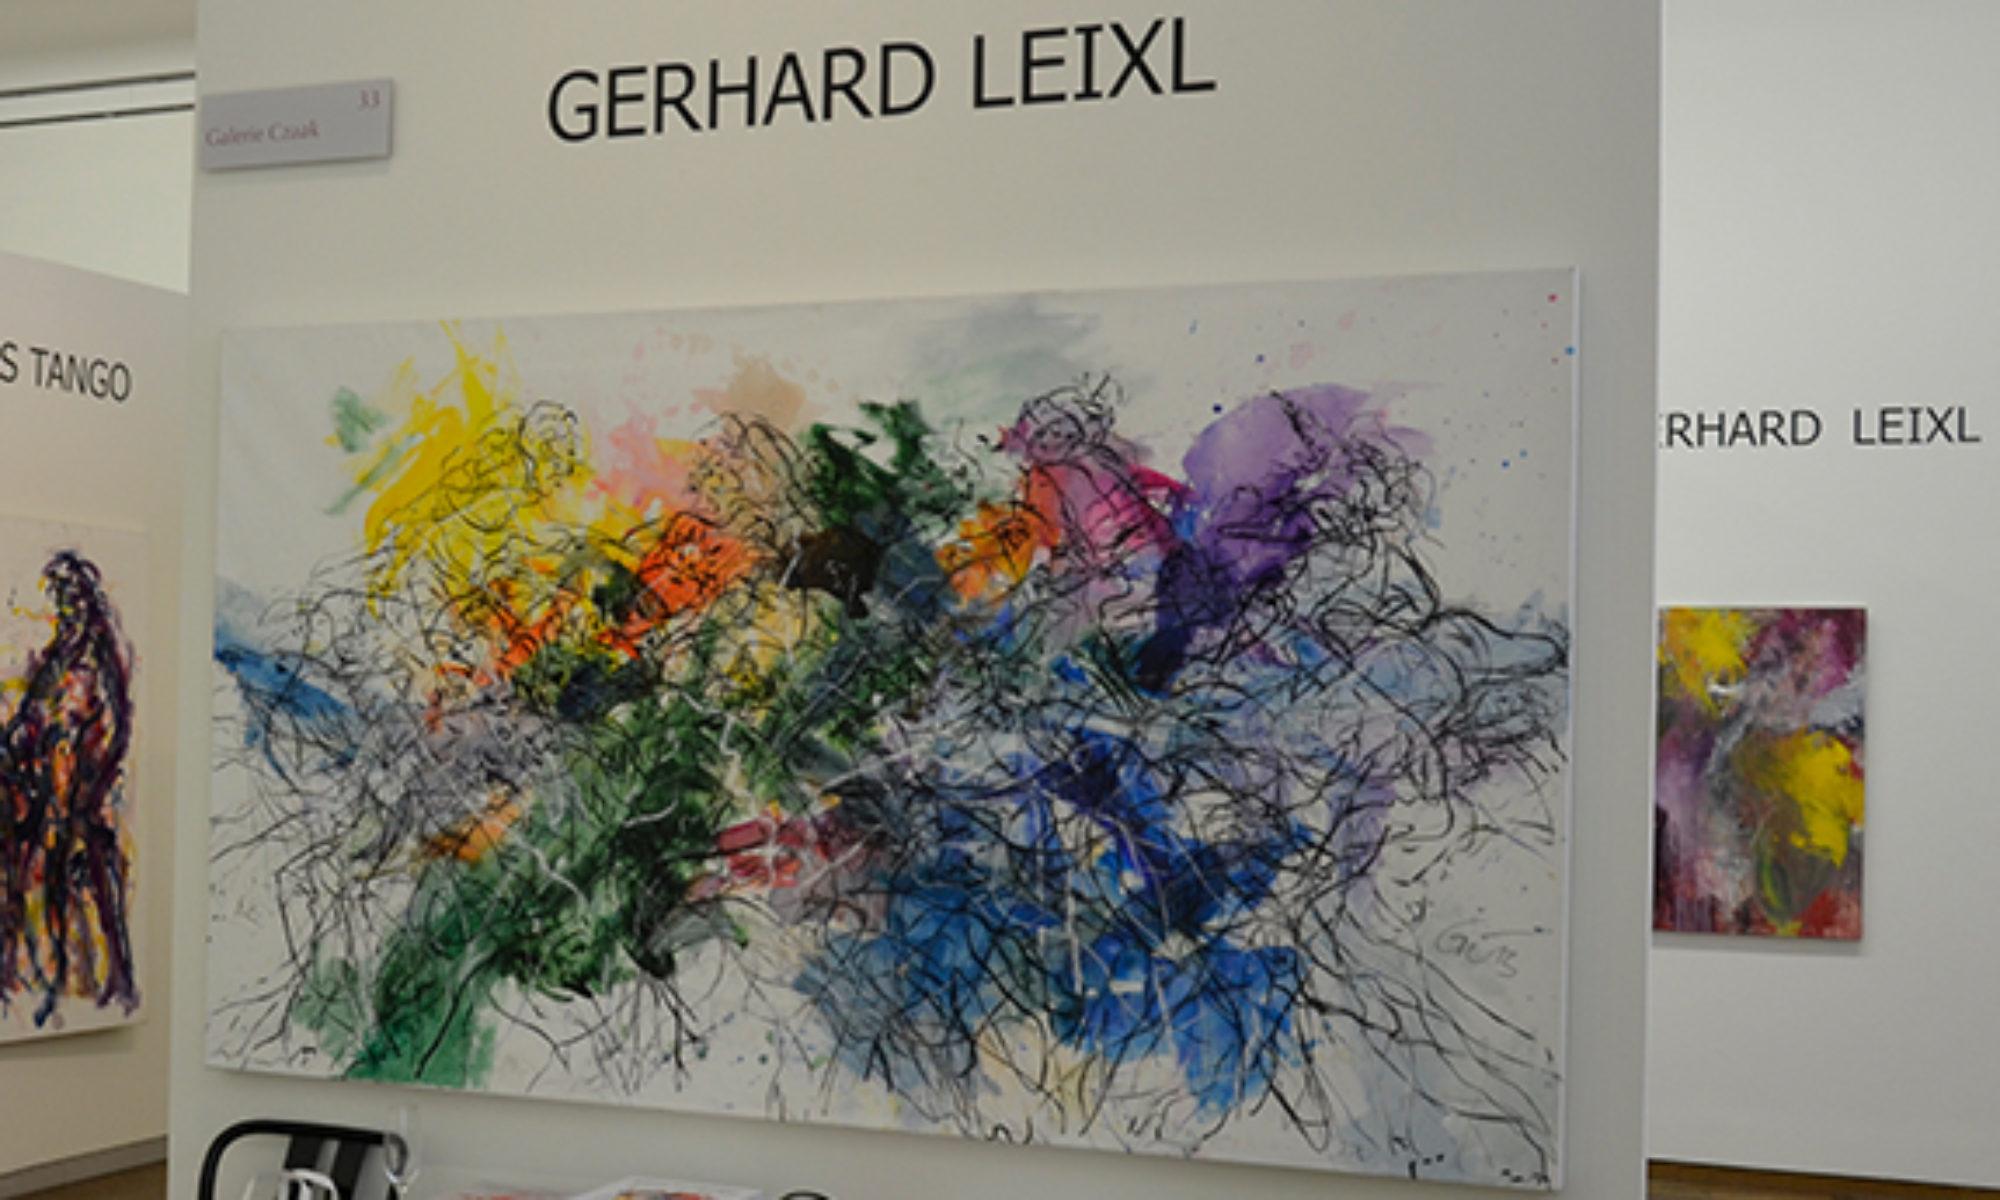 Gerhard Leixl art